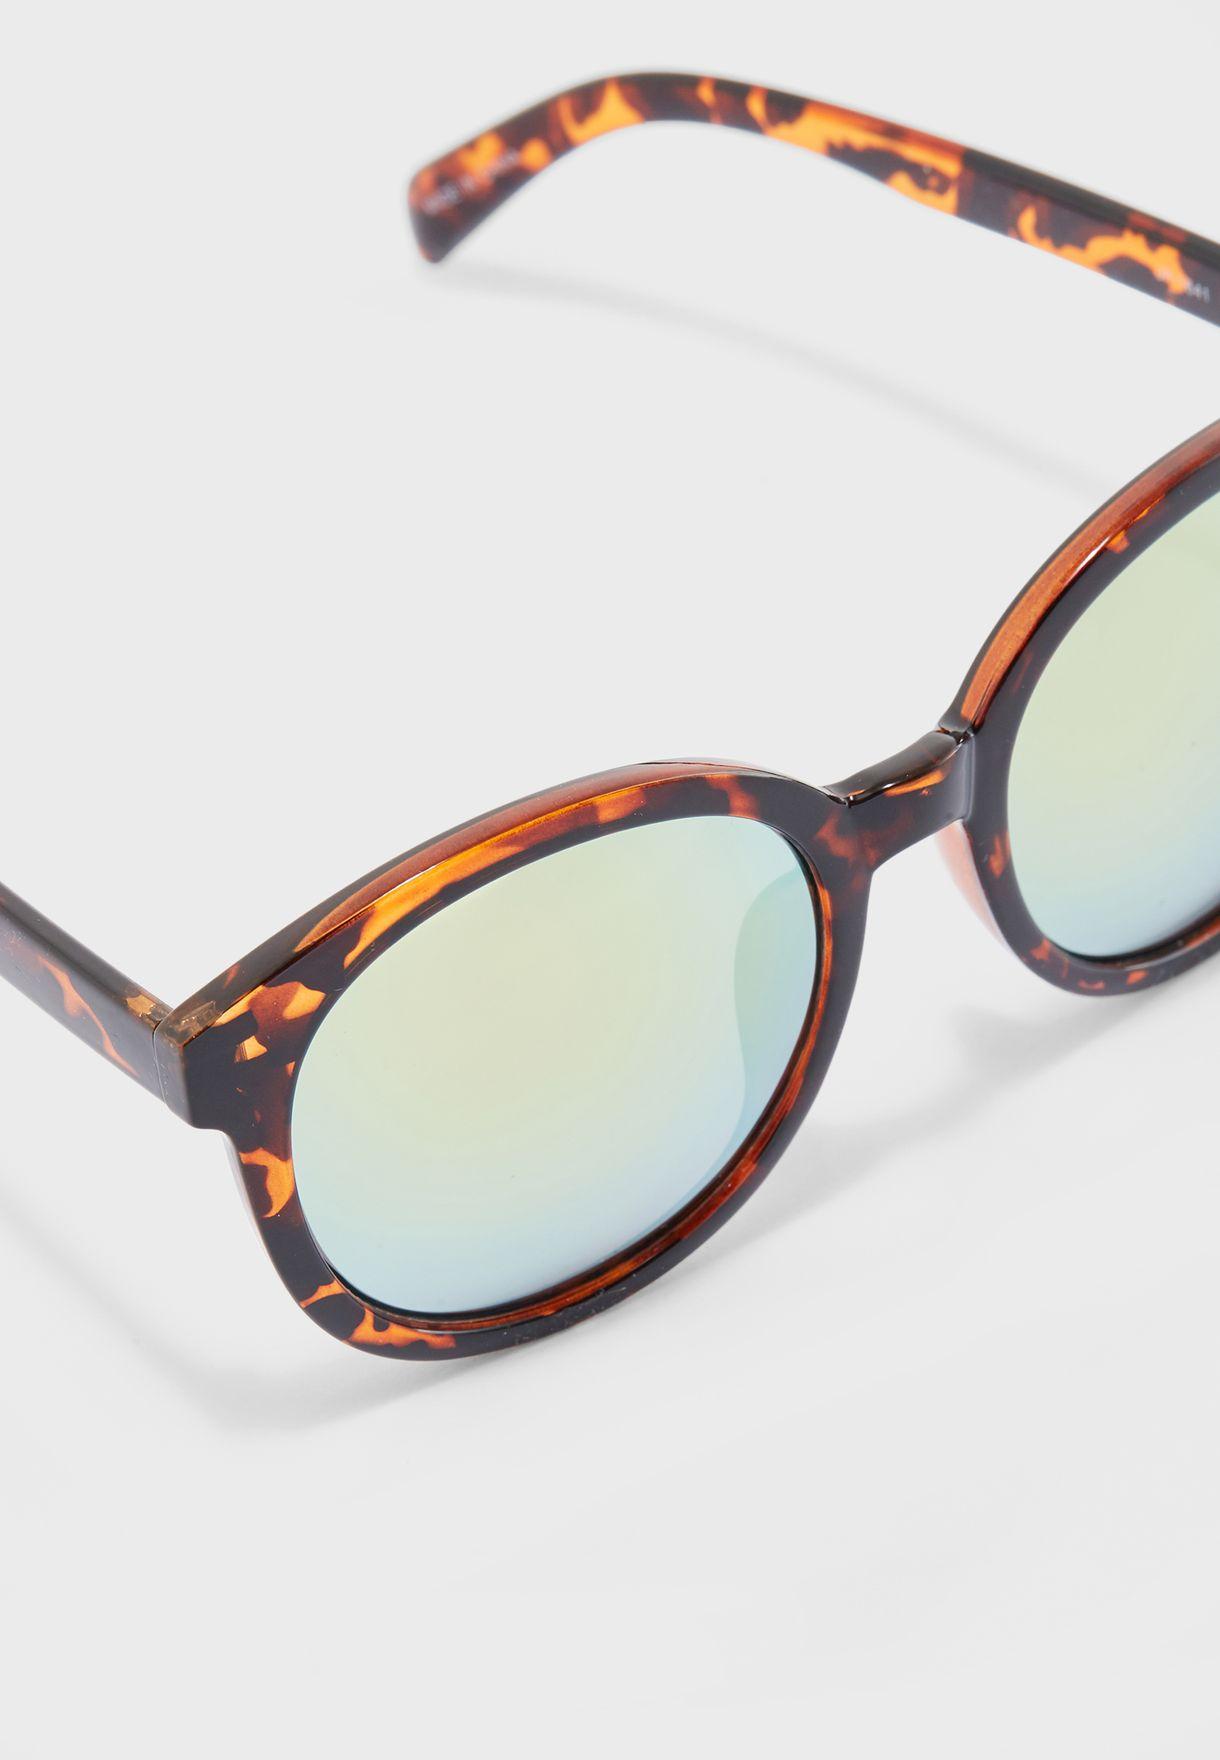 نظارات شمسية دائرية بجسر رخامي